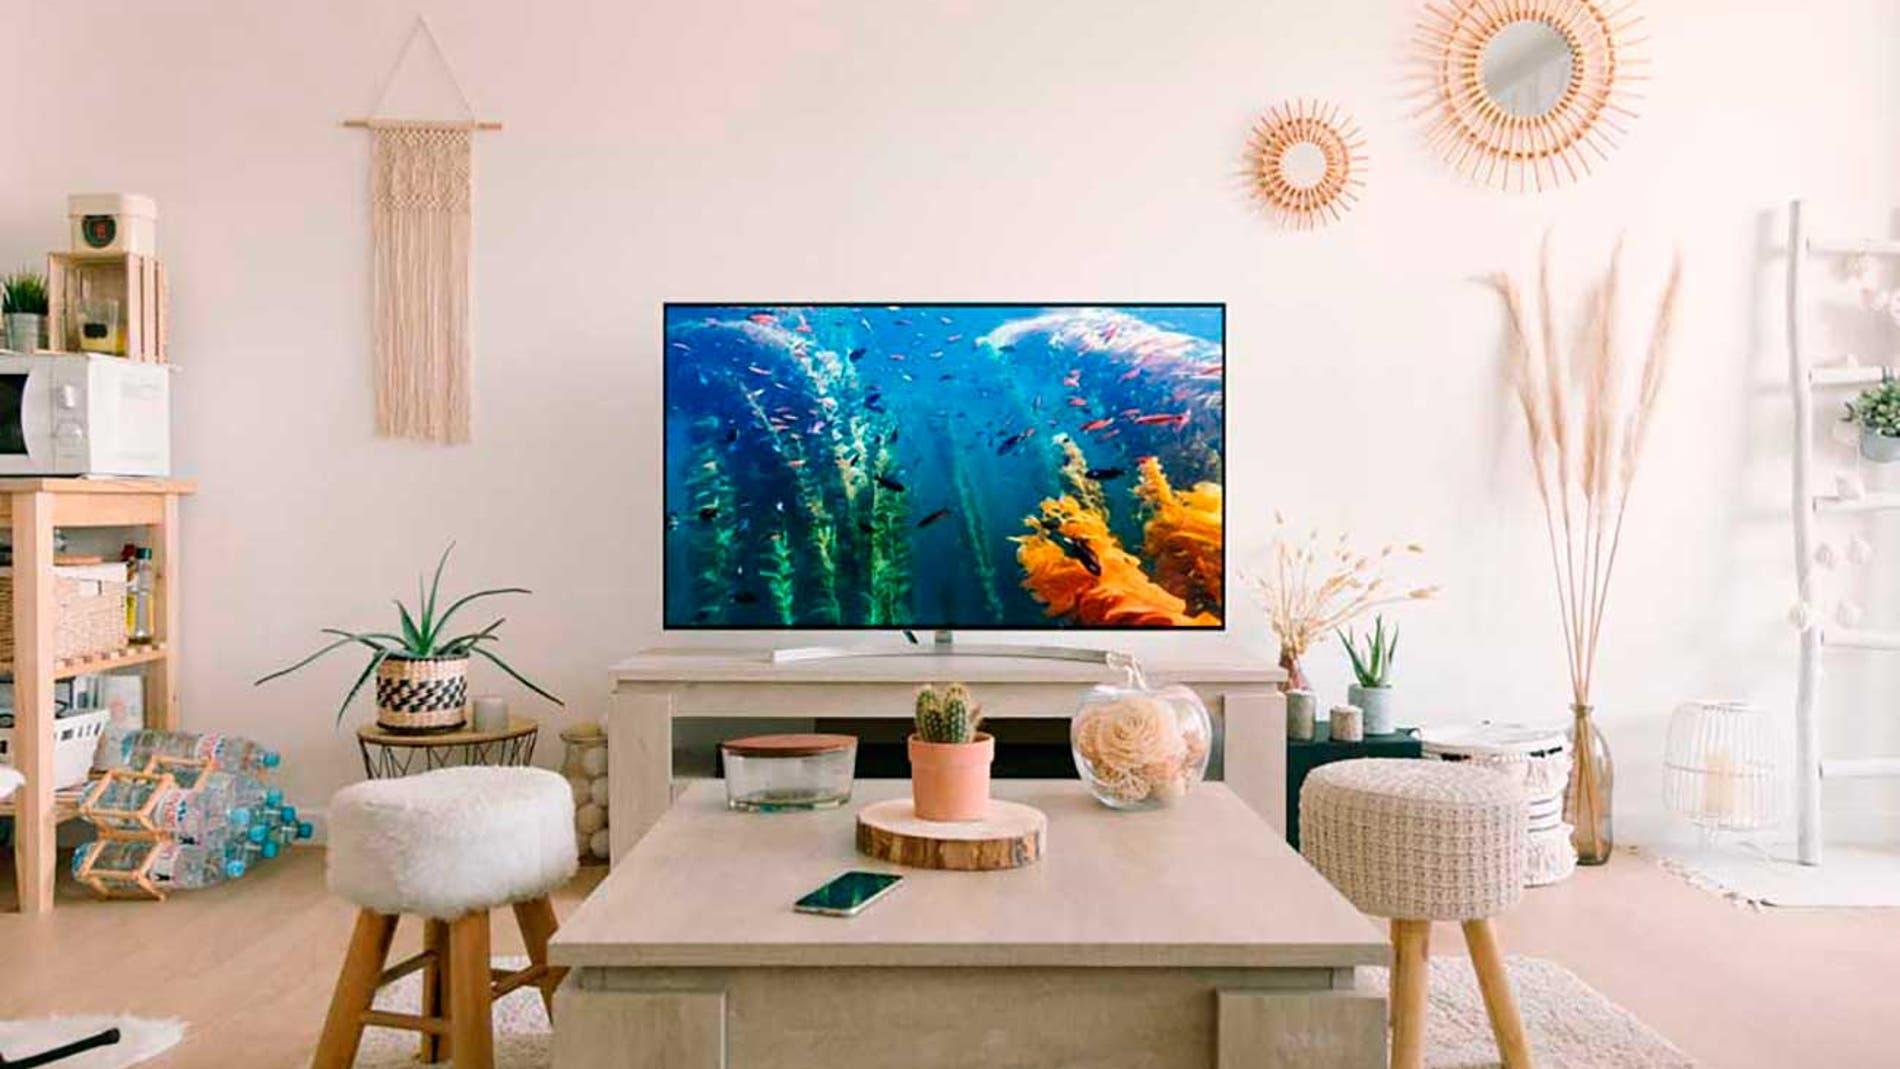 Elige el televisor que mejor se ajuste a tus necesidades